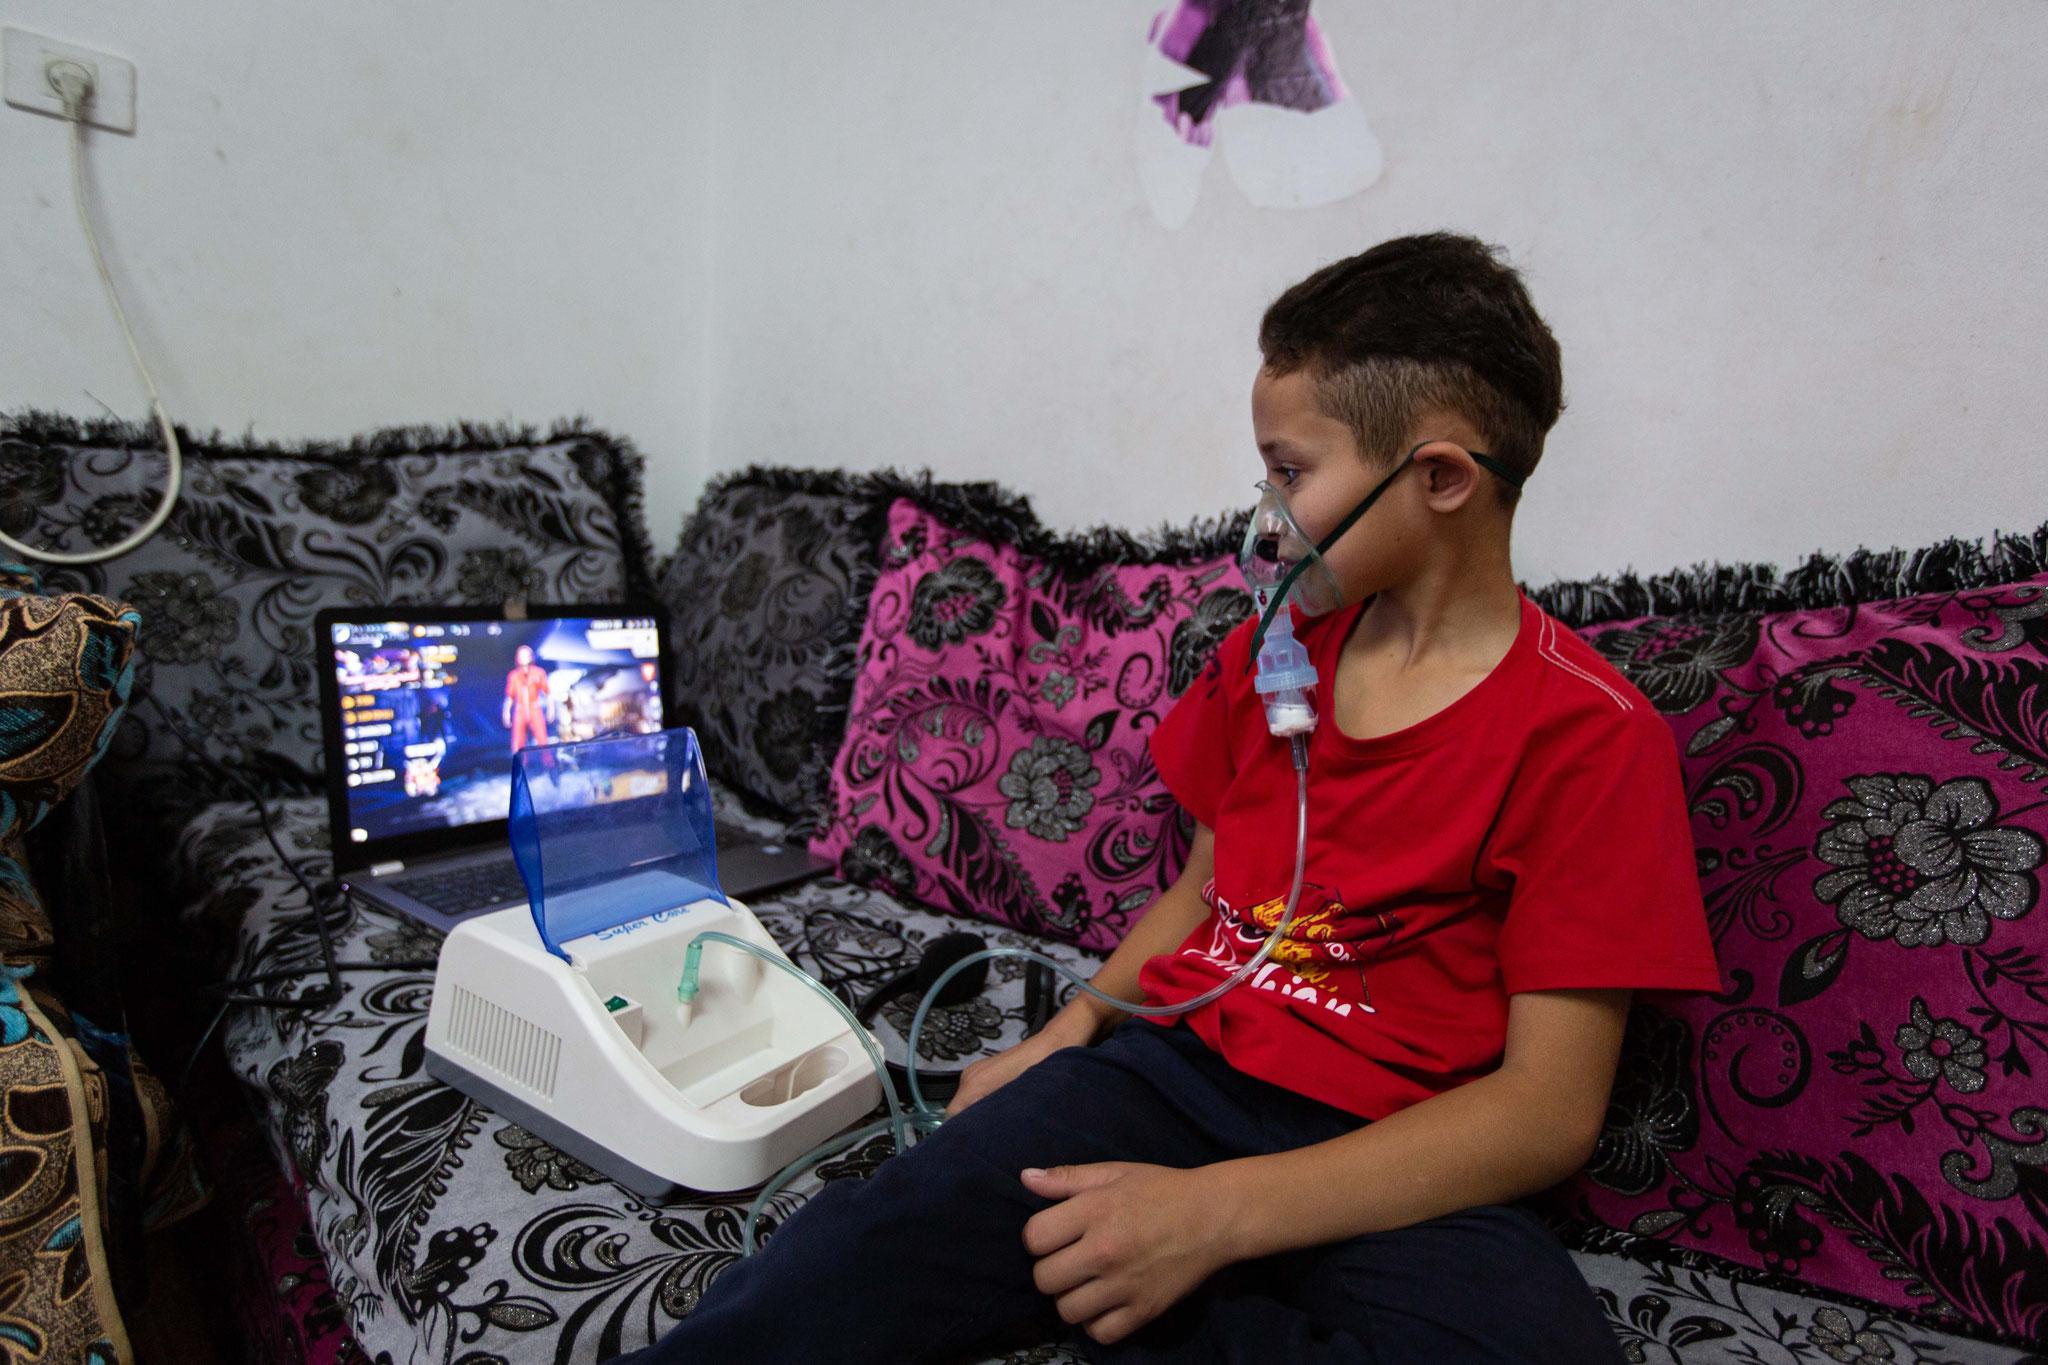 Von einem Computerspiel begleitet, lässt sich das tägliche Inhalieren leichter aushalten. Foto: Andrea Krogmann